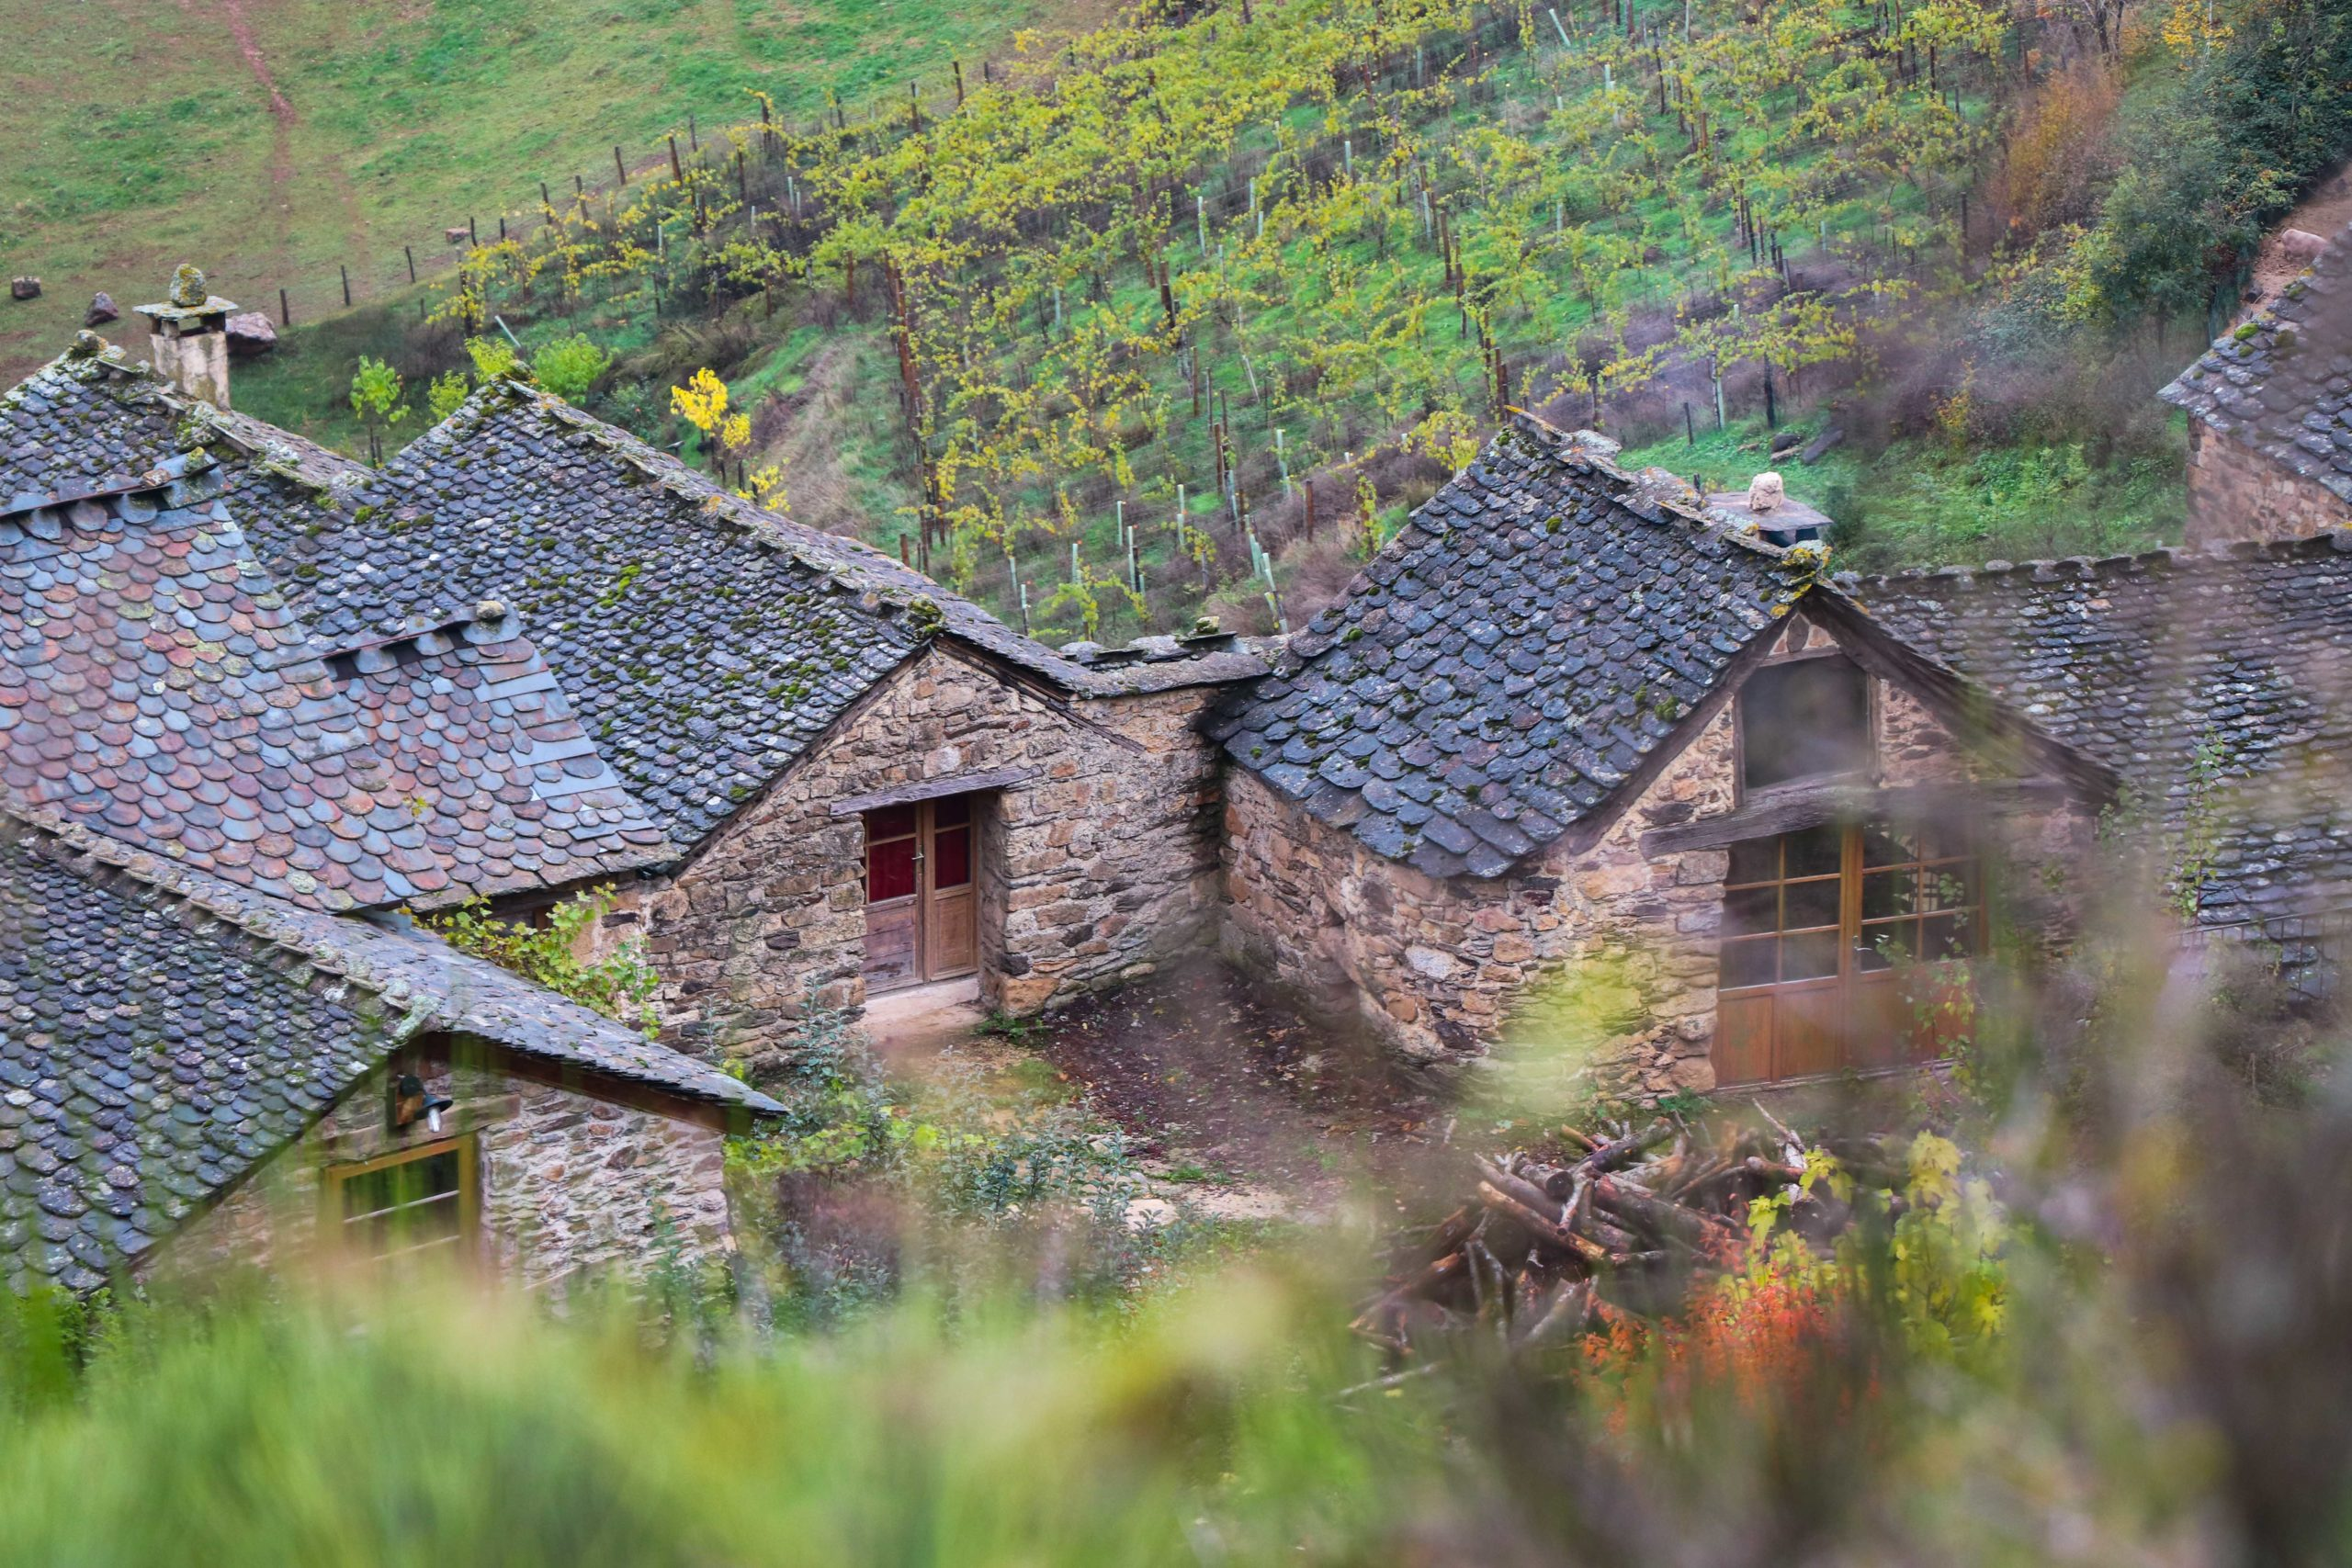 La ferme des Cévennes - la Lozère en famille - Chataîgnes des Cévennes